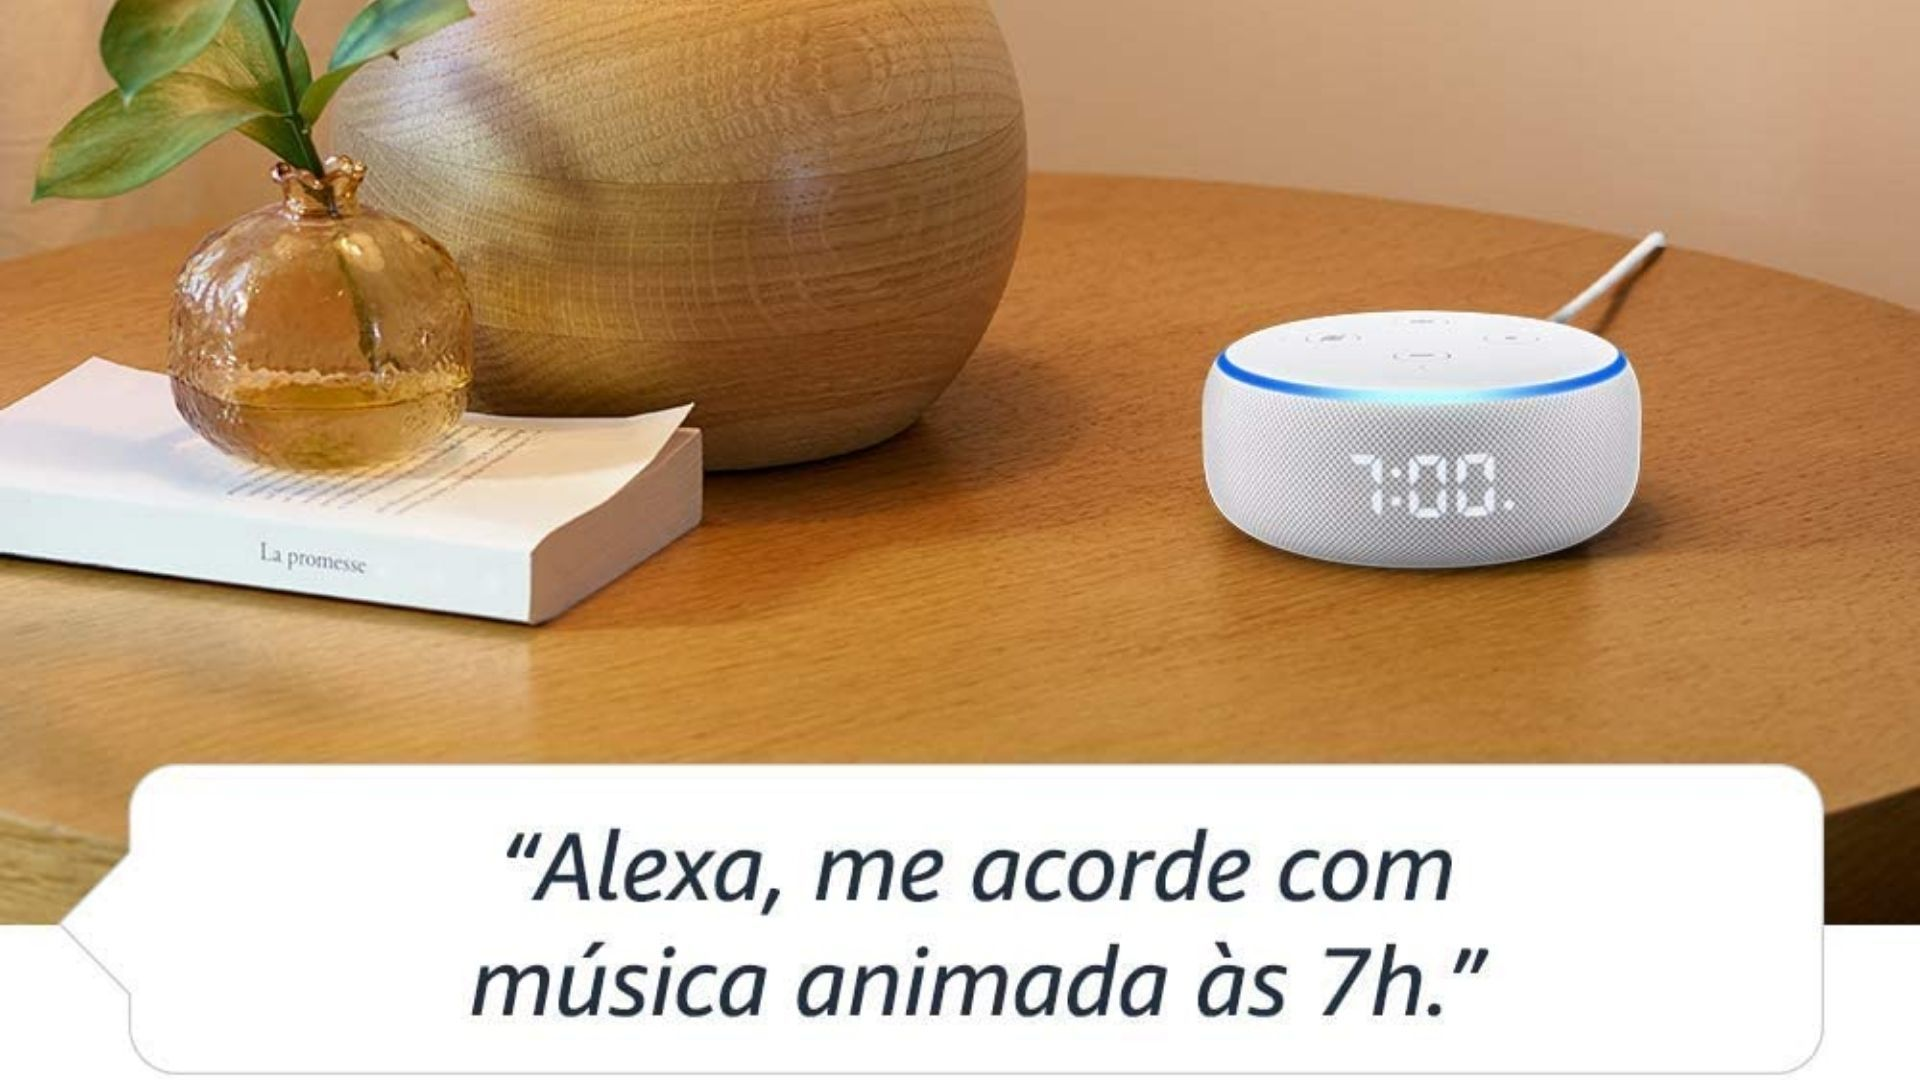 Echo Dot com relógio, lançamento mais recente da Amazon, é capaz de te acordar no horário desejado. (Imagem: Divulgação/Amazon)